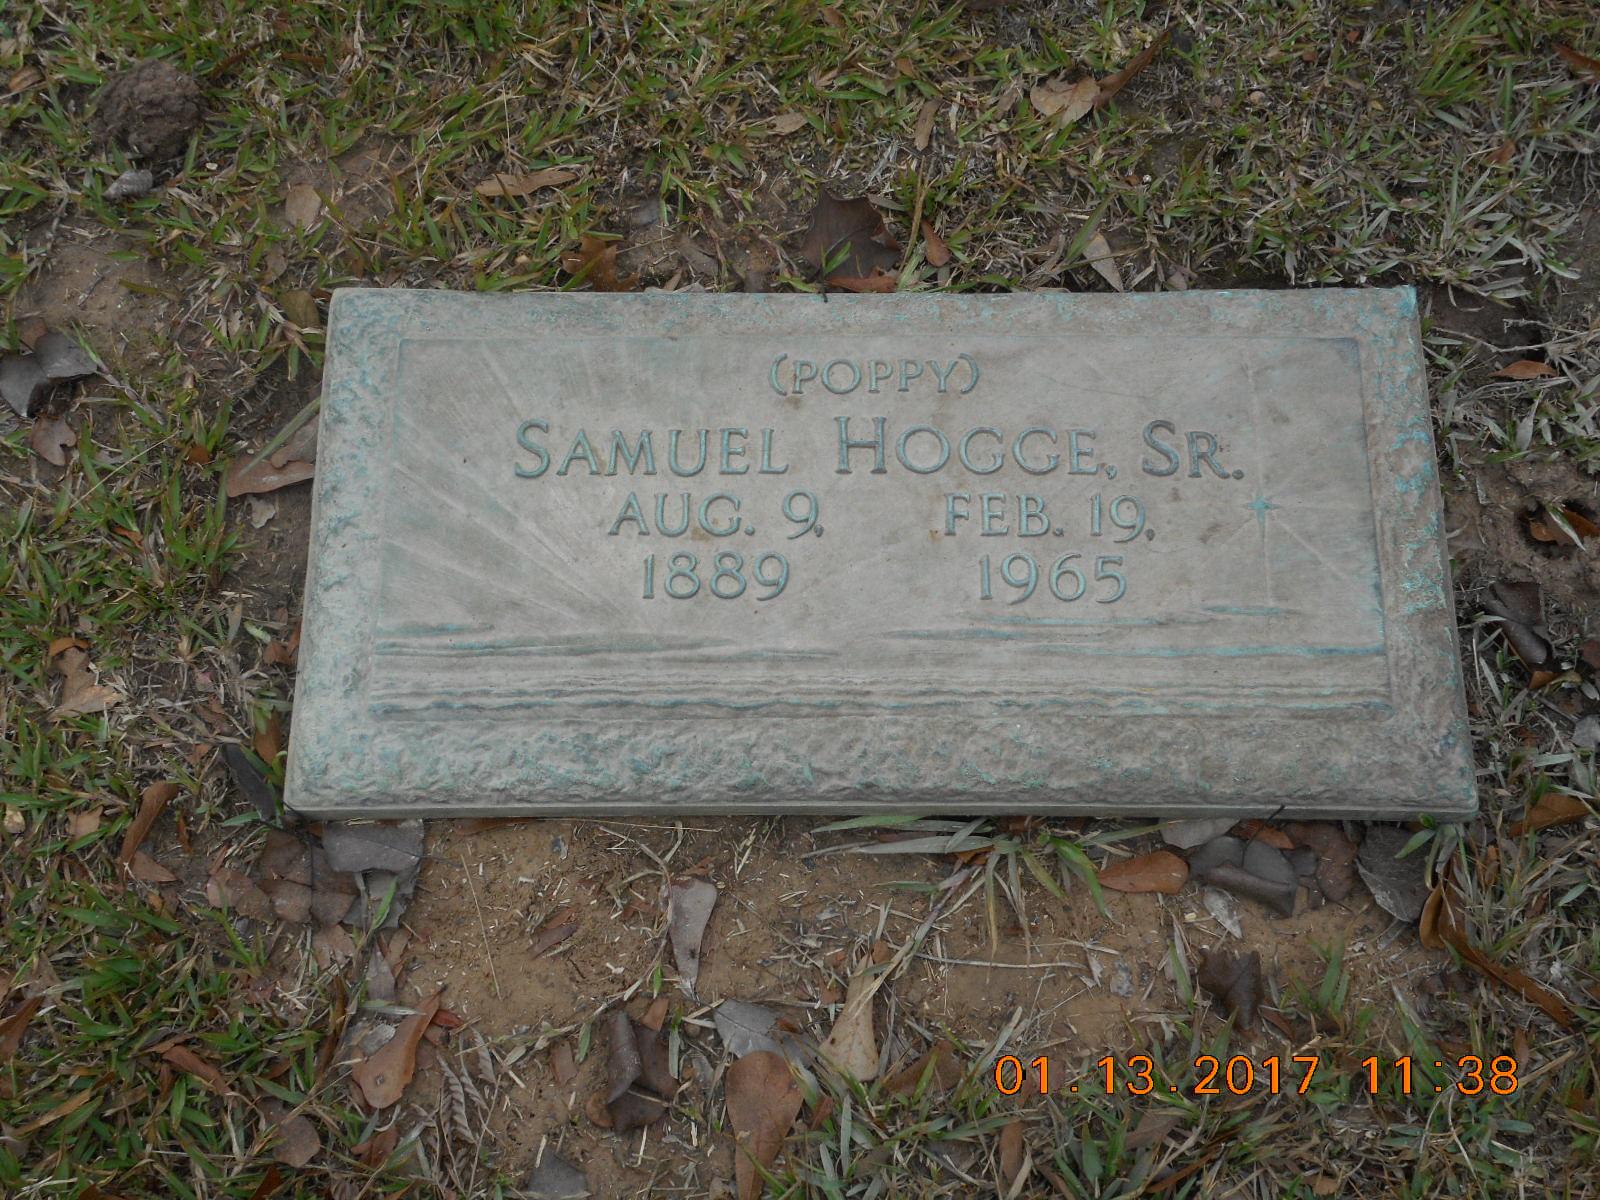 Samuel Hogge, Sr